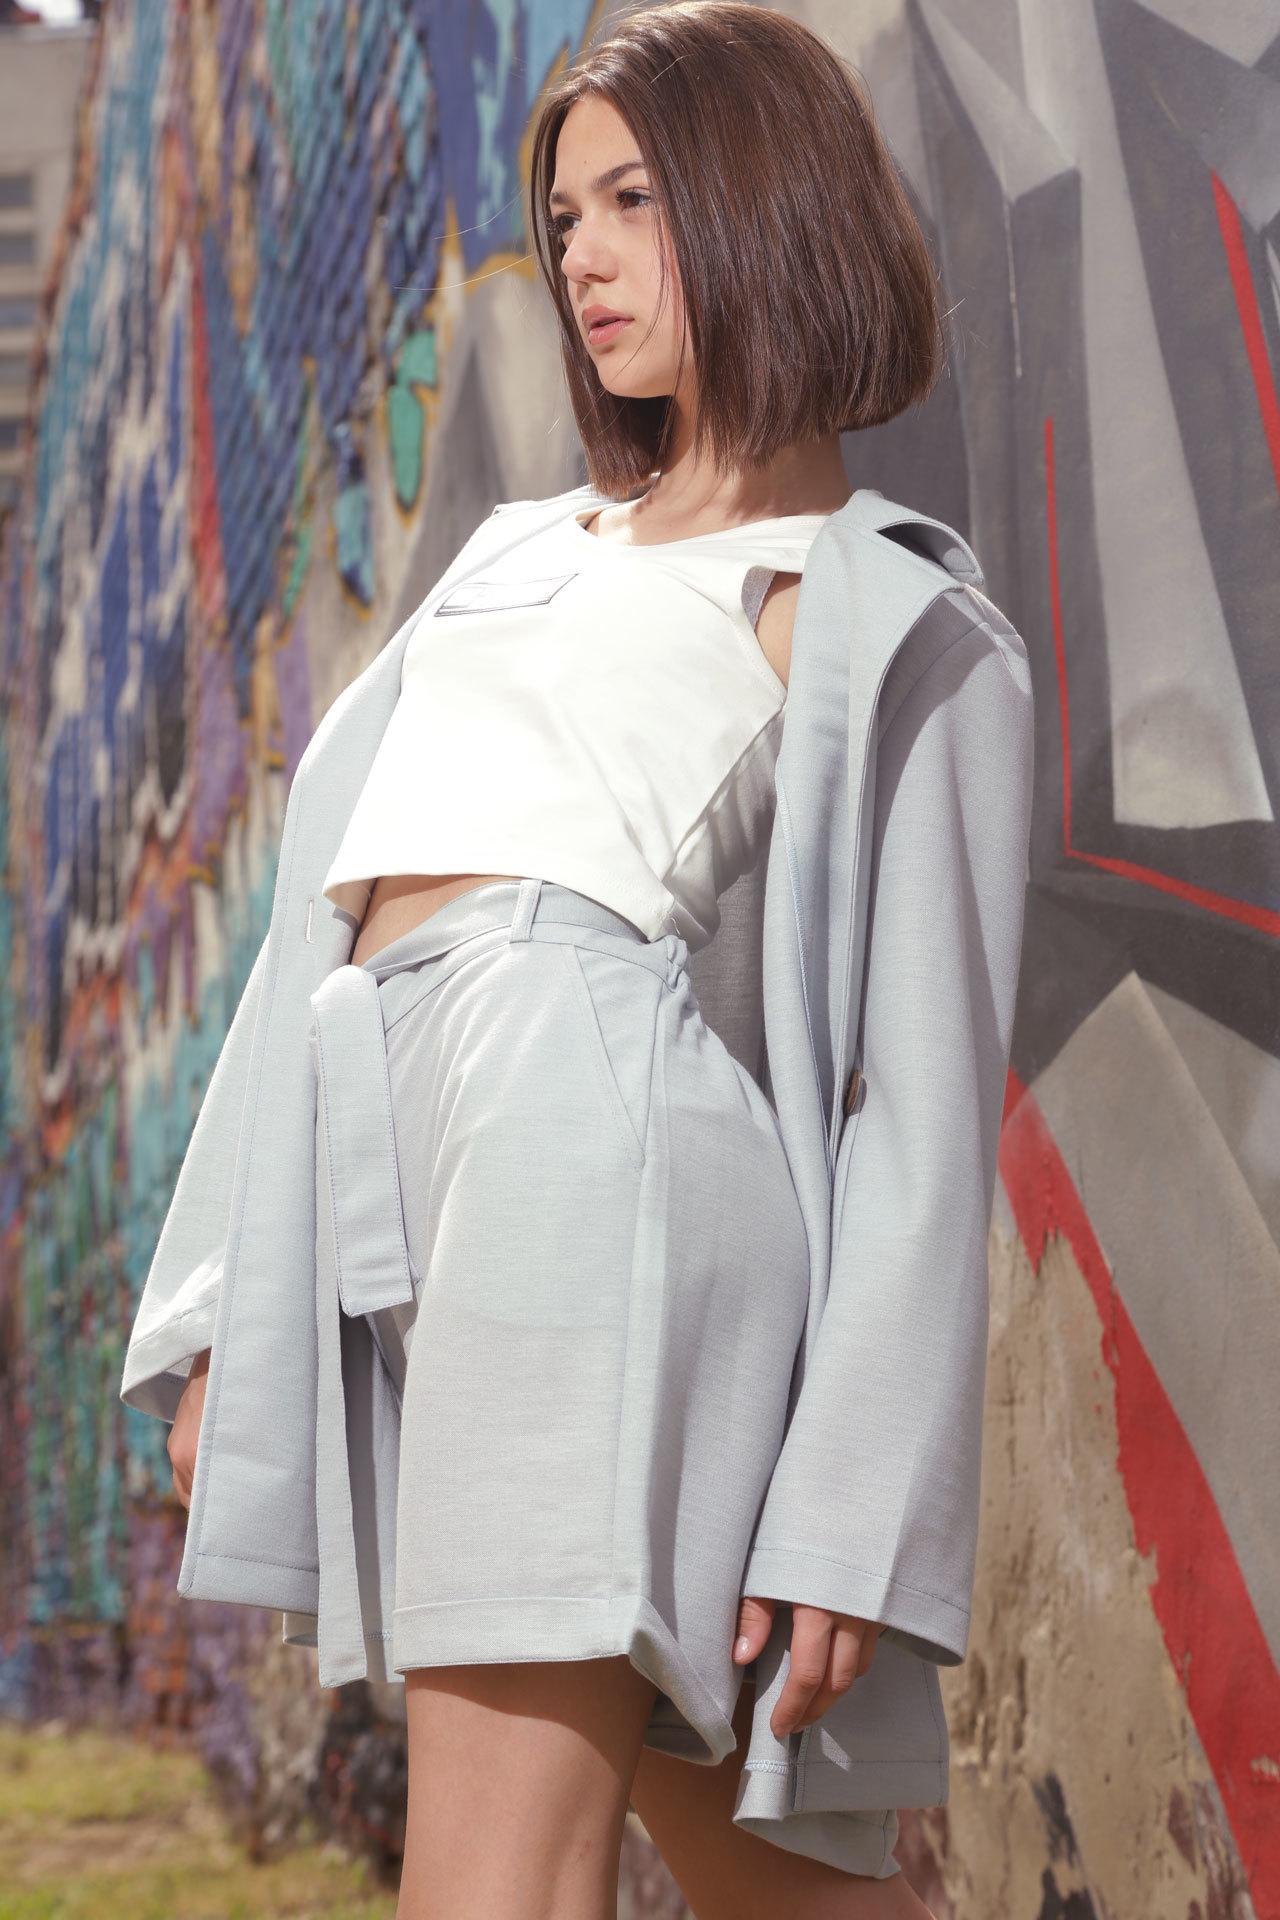 Комплект для девочки пиджак, шорты, топ Brows Kids Турция, 7418 (128-164)